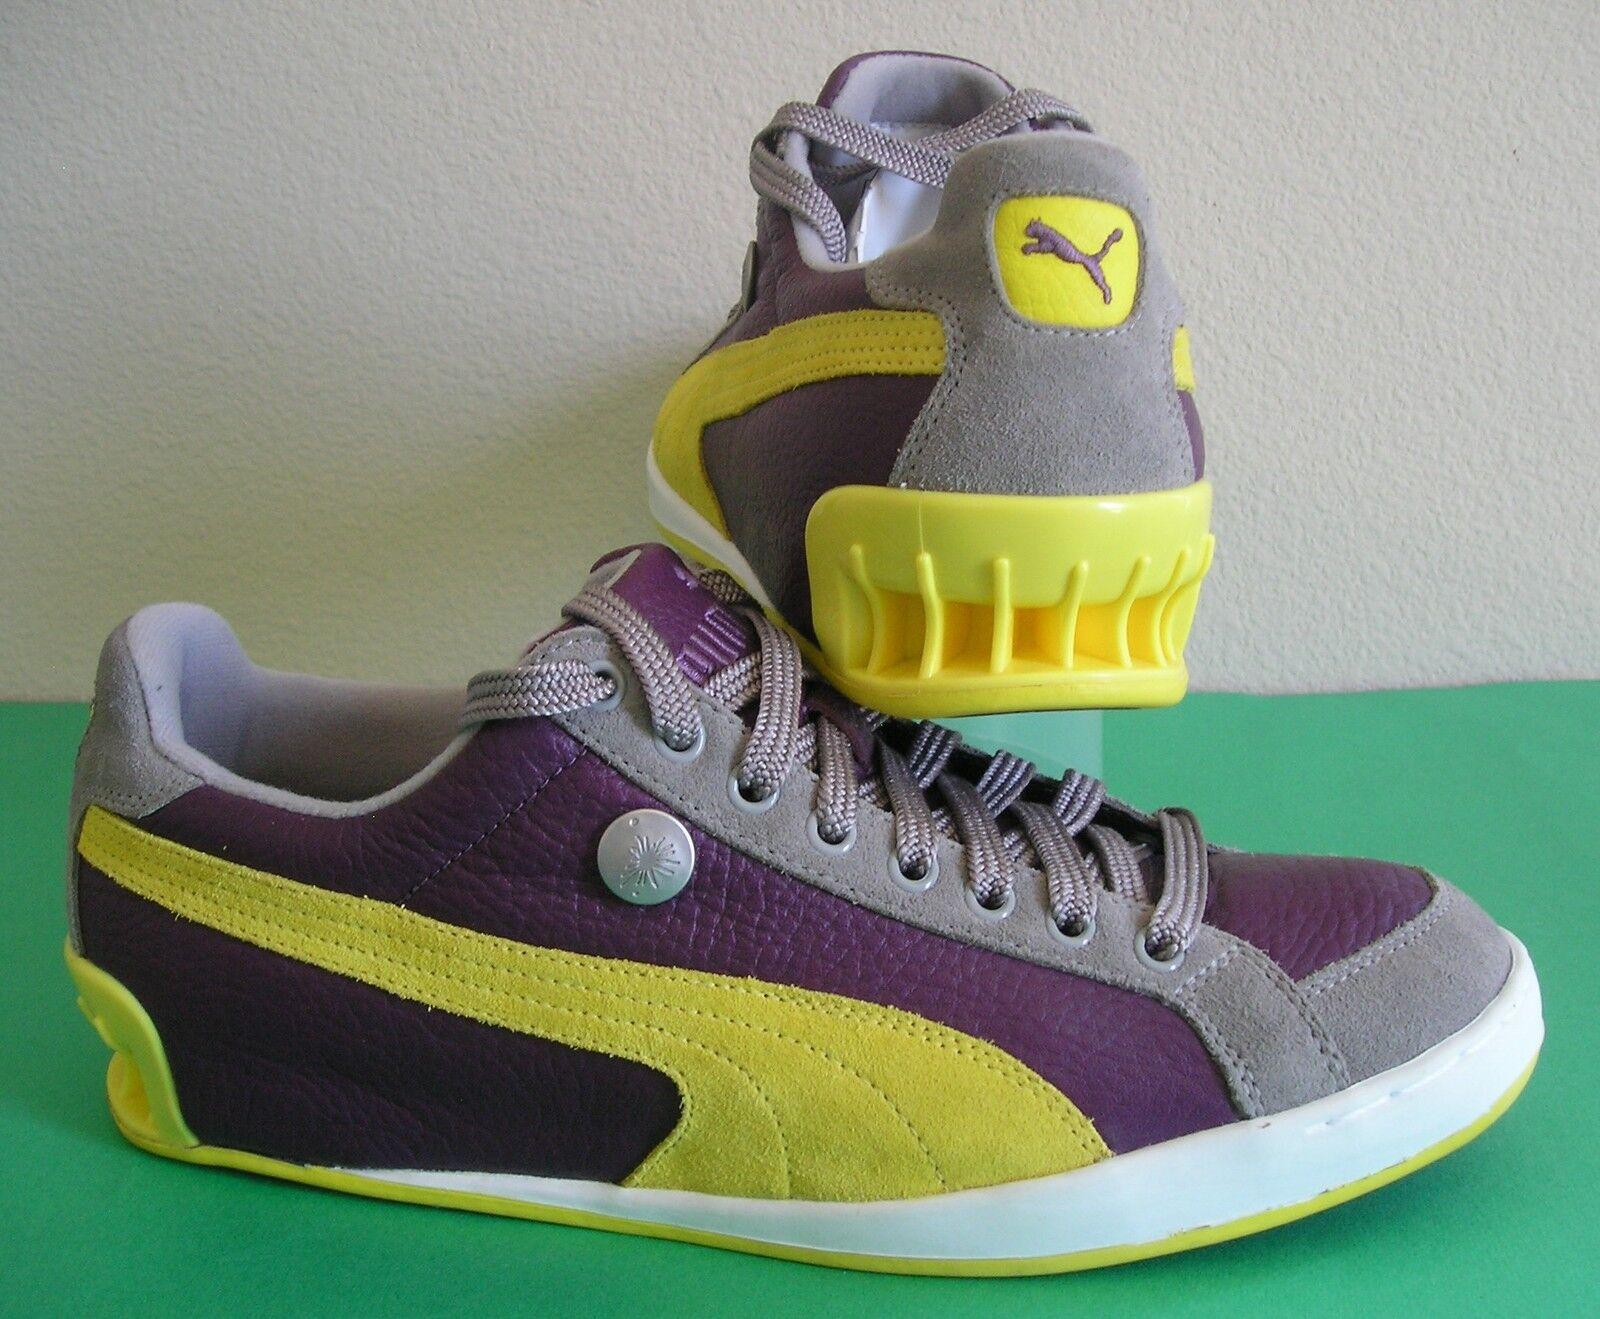 Zapatos común  de Cuero poco común Zapatos ~ Mihara Yasuhiro Furio Puma MY20 ~ Gato Zapatillas de velocidad futuro ~ 7.5 7cd78d